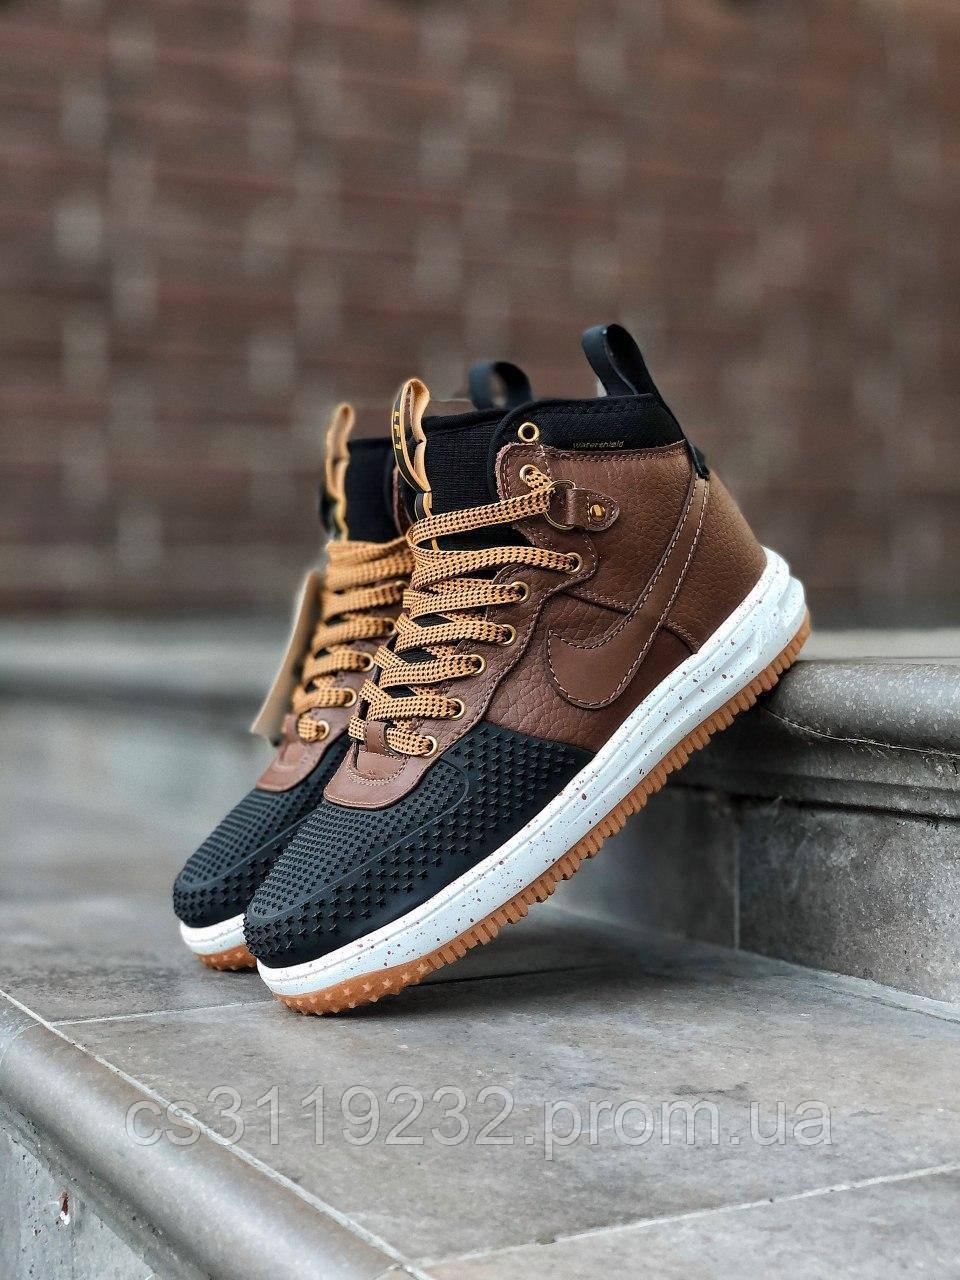 Мужские кроссовки Nike Lunar Force 1 Duckboot 16 (черно-бежевые)